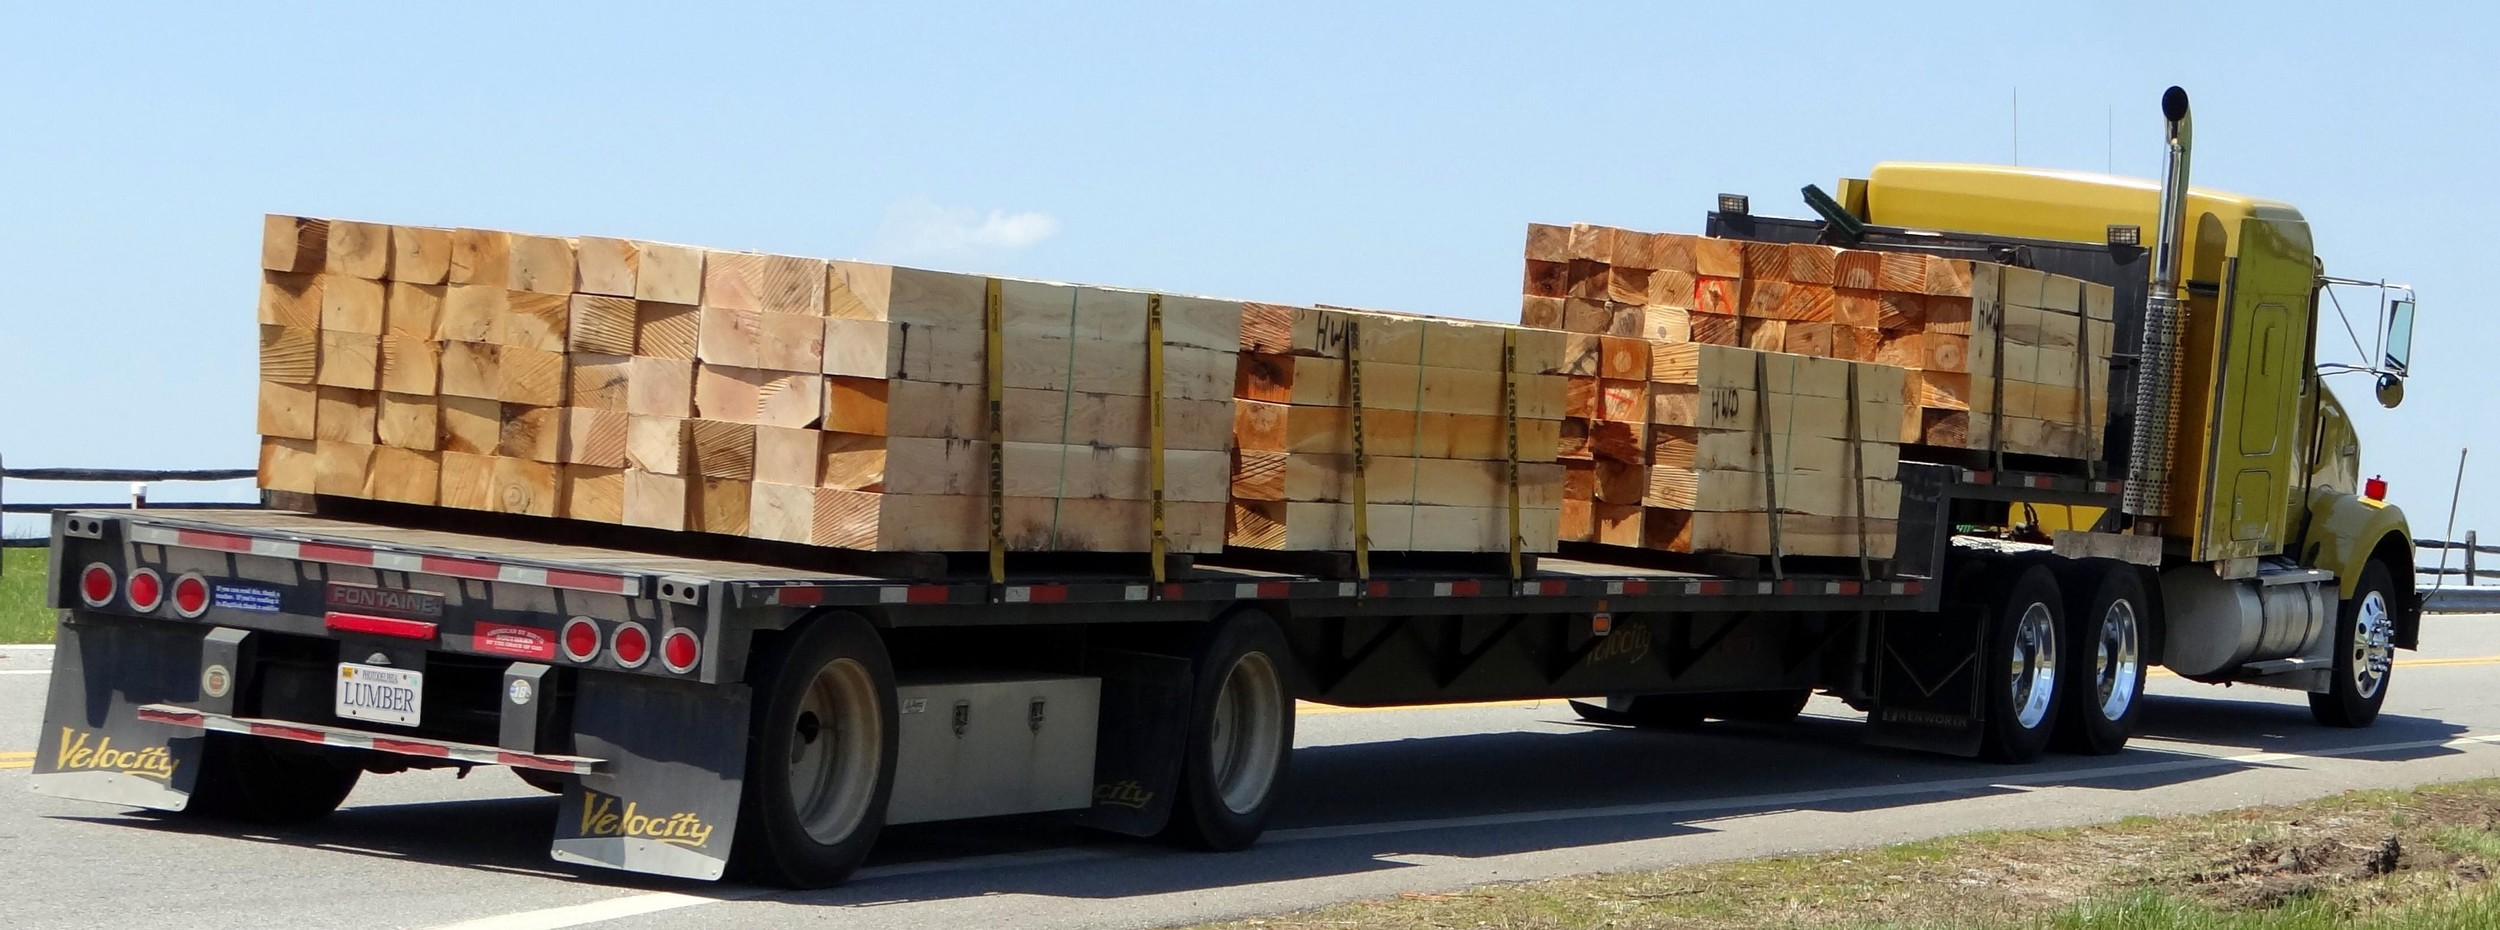 Lumber Truck 2.jpg